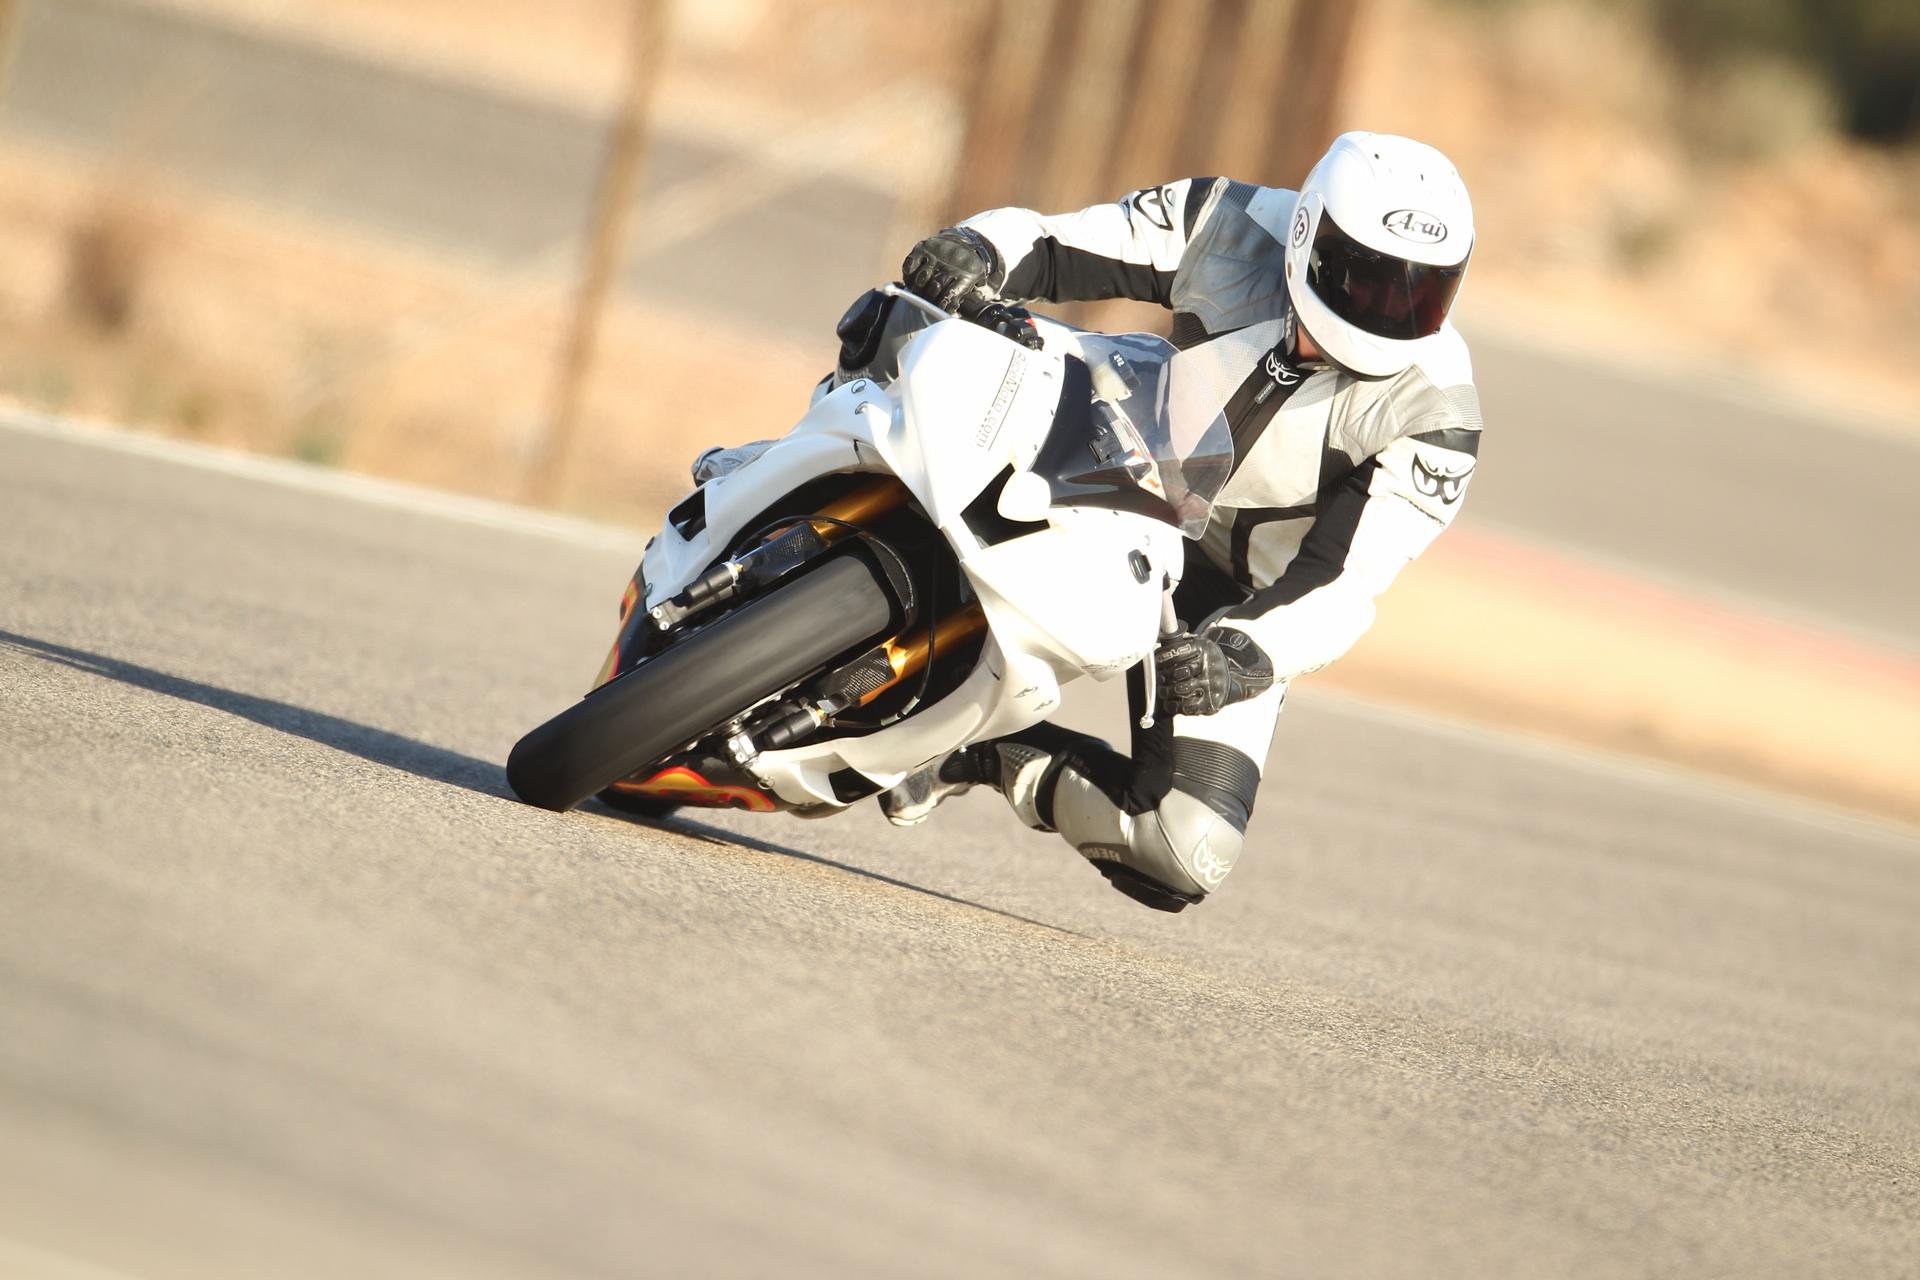 calafat_2012_racemoto_copyright_pixelrace_09